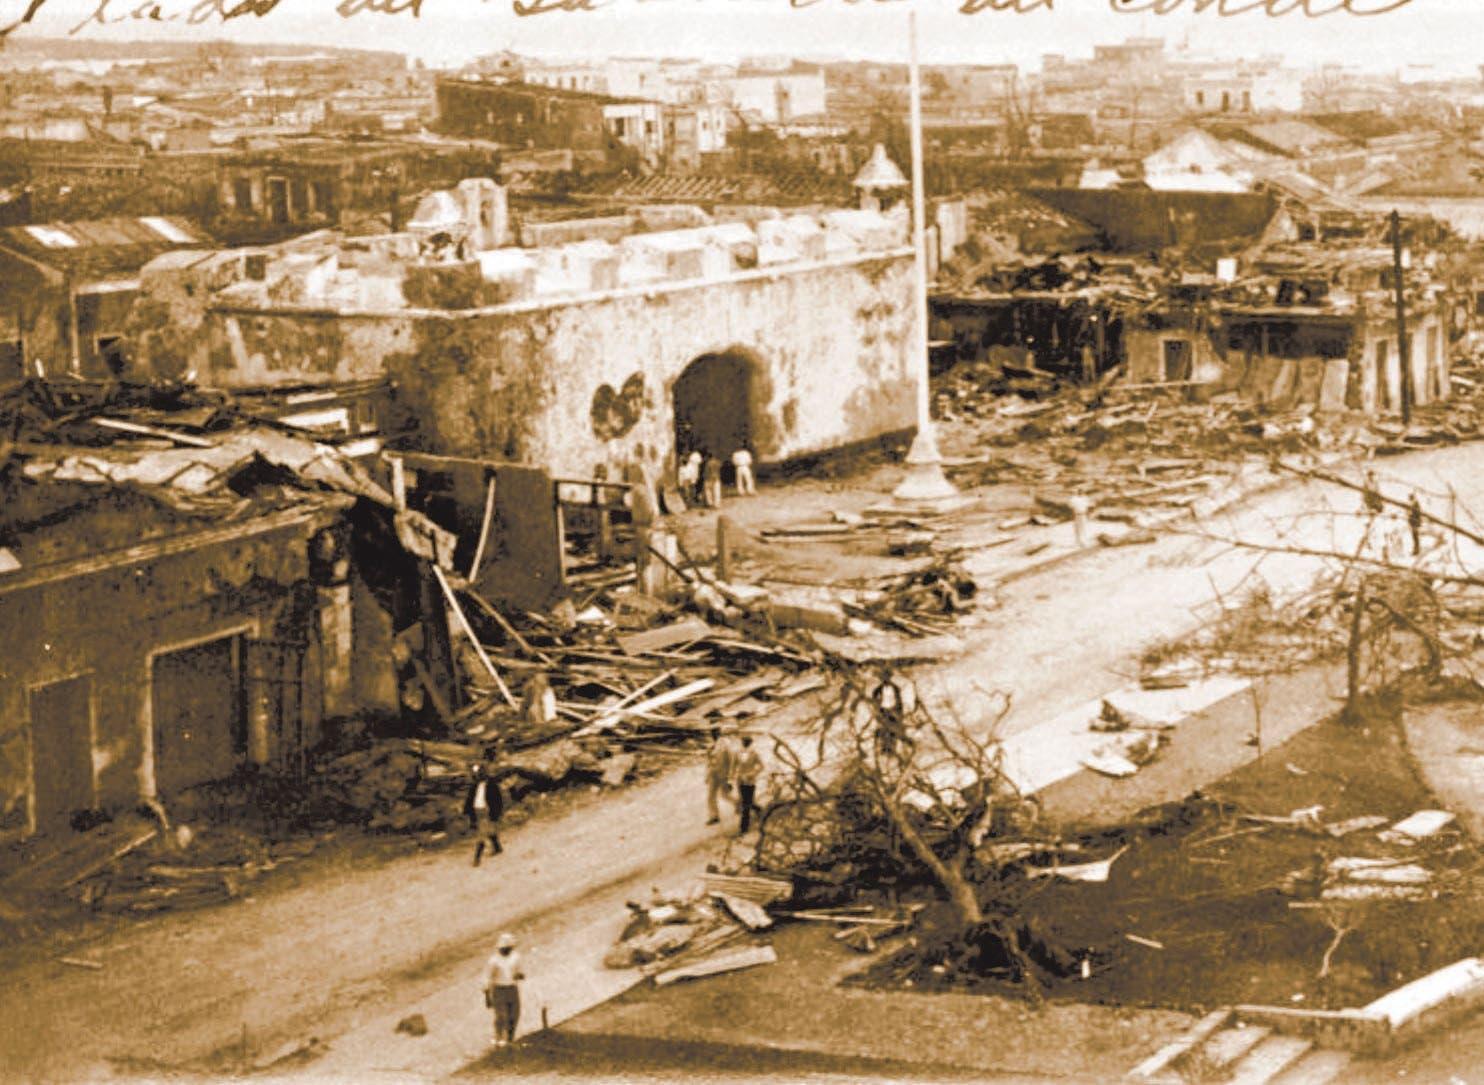 Hoy se cumplen 90 años de San Zenón, el huracán que arrasó Santo Domingo